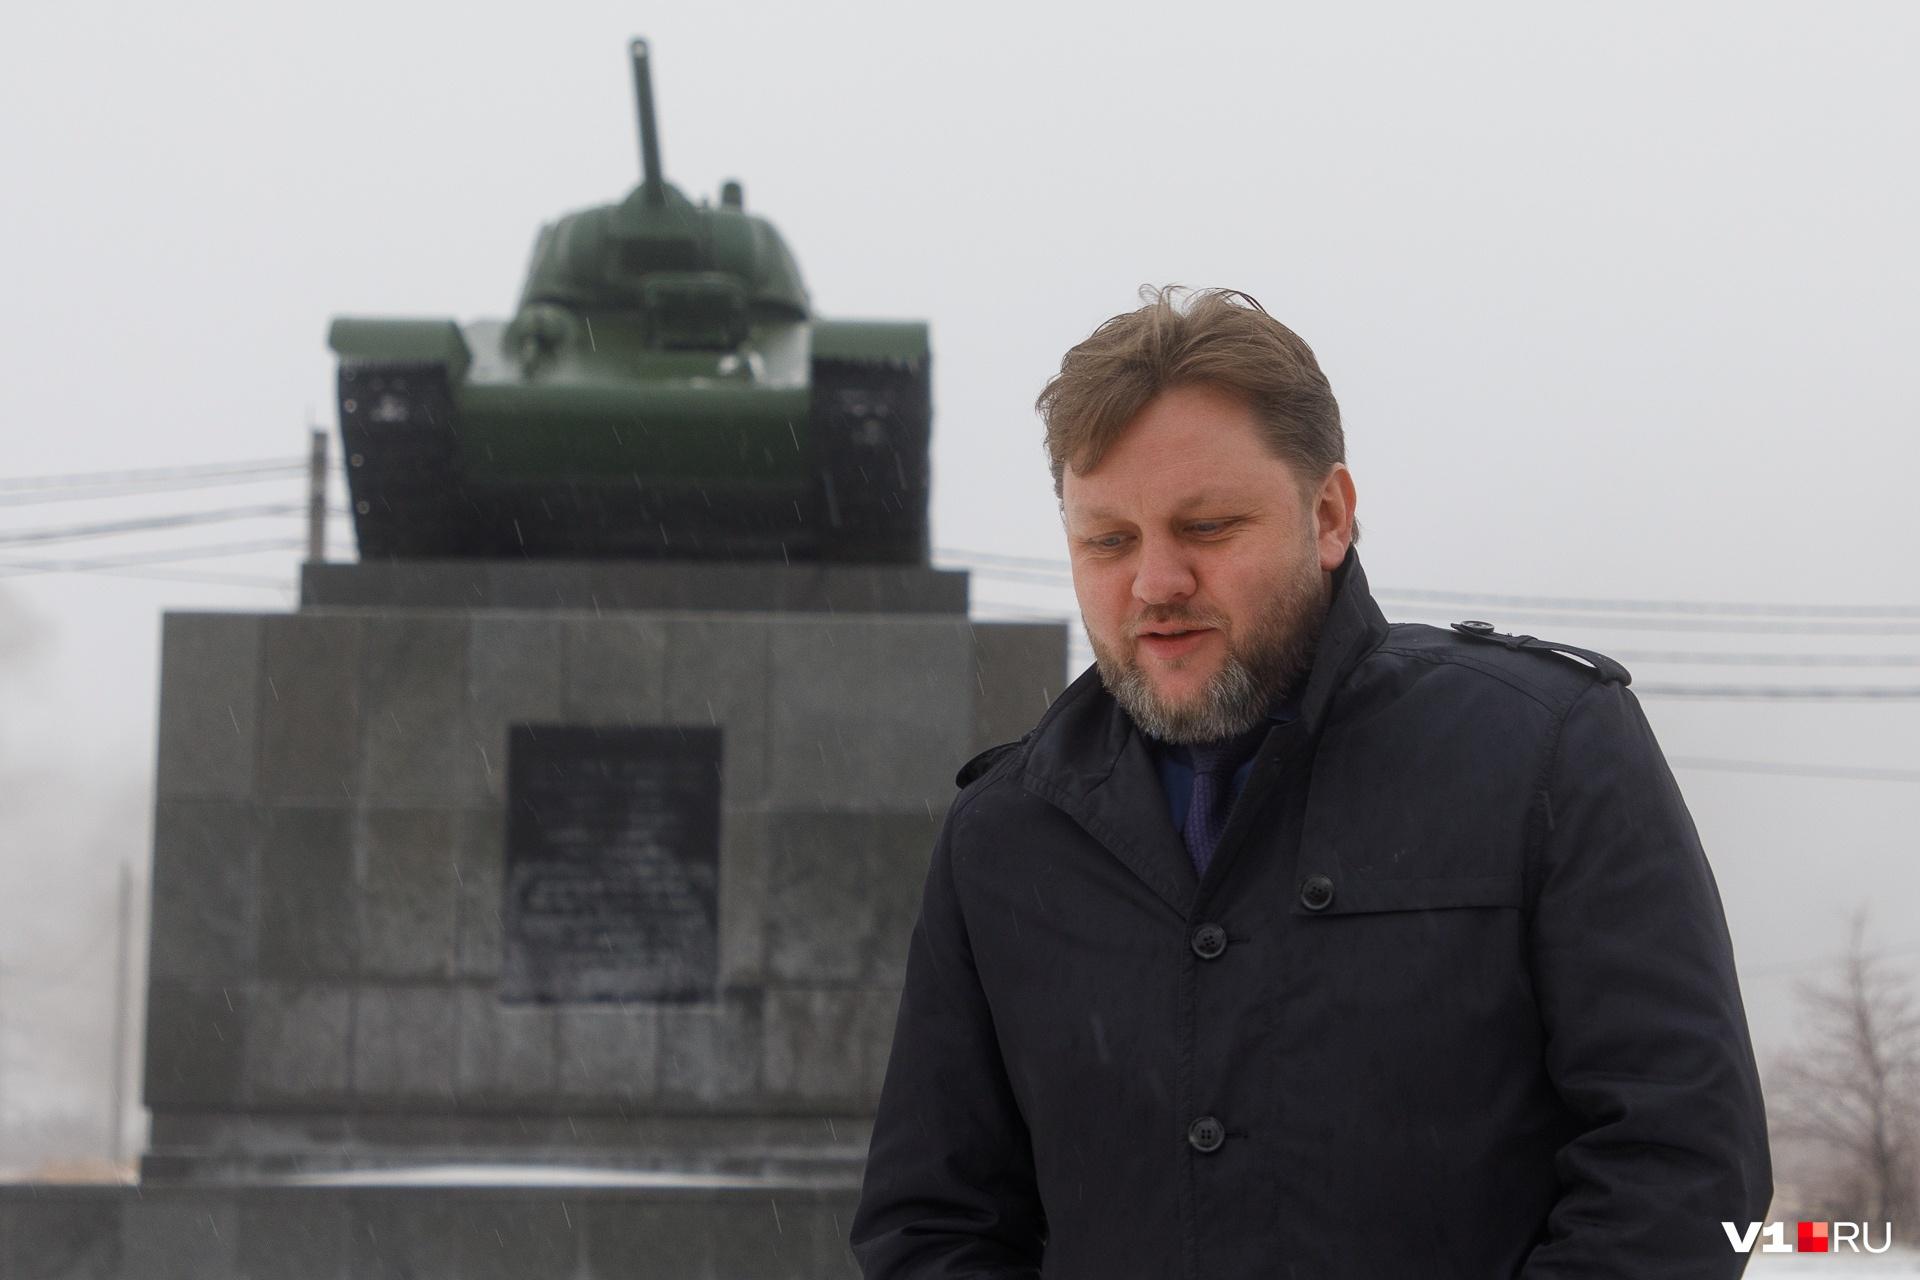 В прошлом году музей-заповедник «Сталинградская битва» занялся решением всех бумажных вопросов